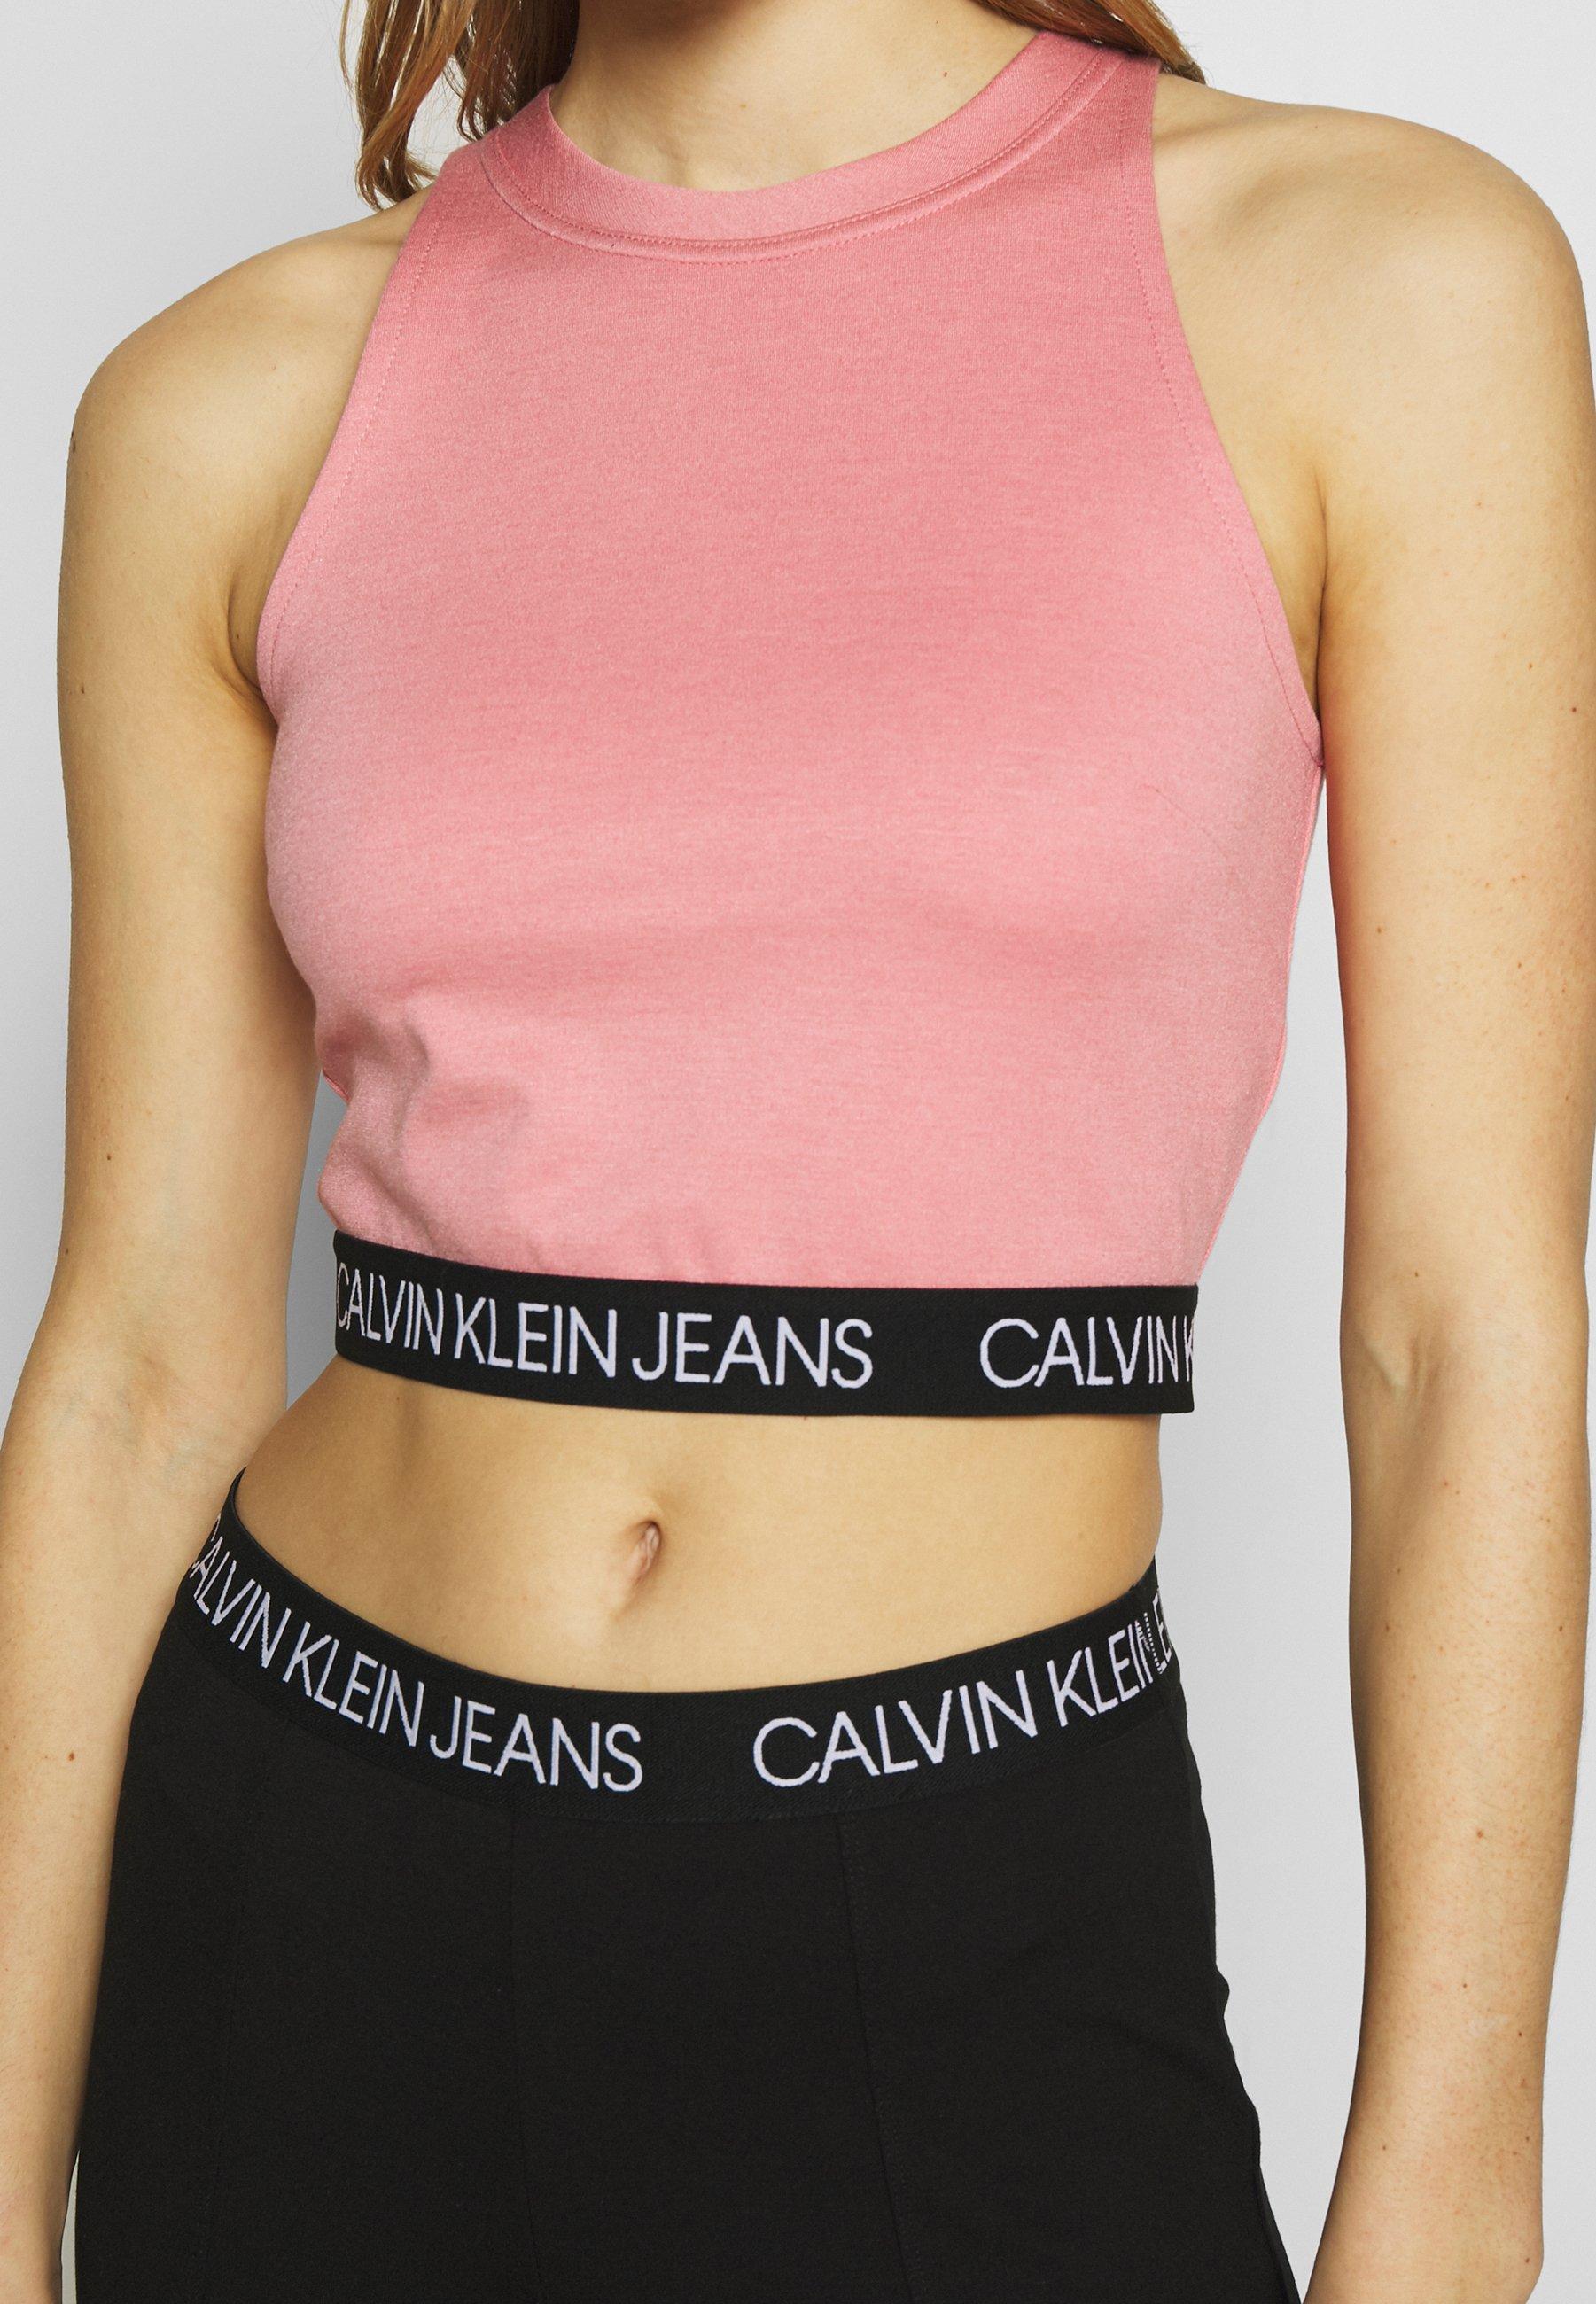 Calvin Klein Jeans Milano Sporty Tank - Top Brandied Apricot raBDGtQ